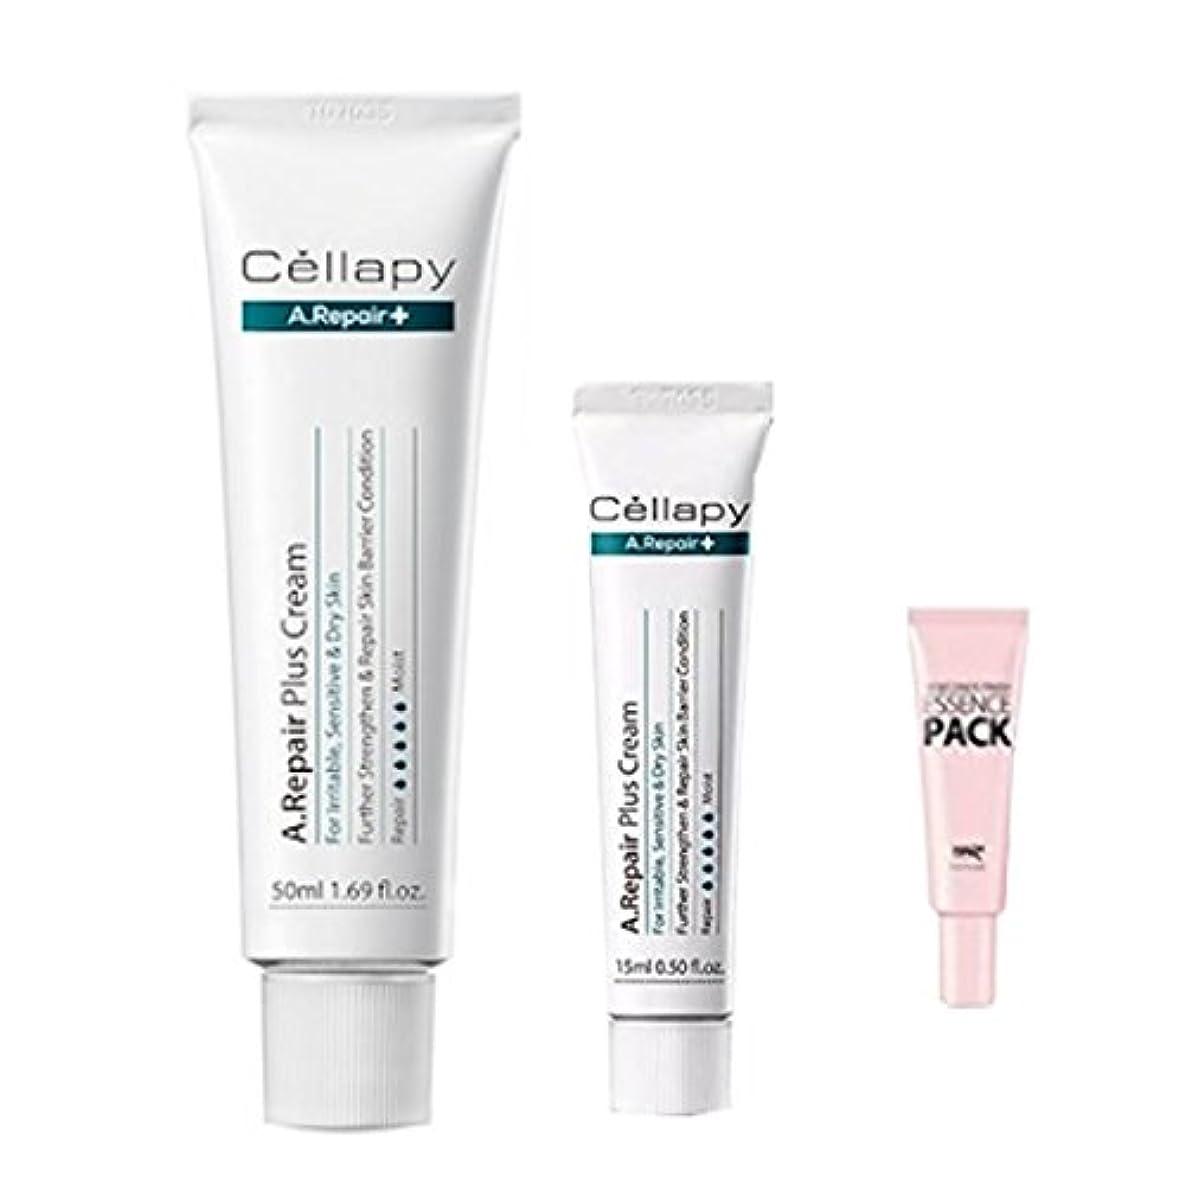 革命些細なアジャセラピ エイリペアプラスクリーム50ml+15ml [並行輸入品]/Cellapy A.Repair Plus Cream for Irritable, Sensitive & Dry Skin 50ml(1.69fl.oz...